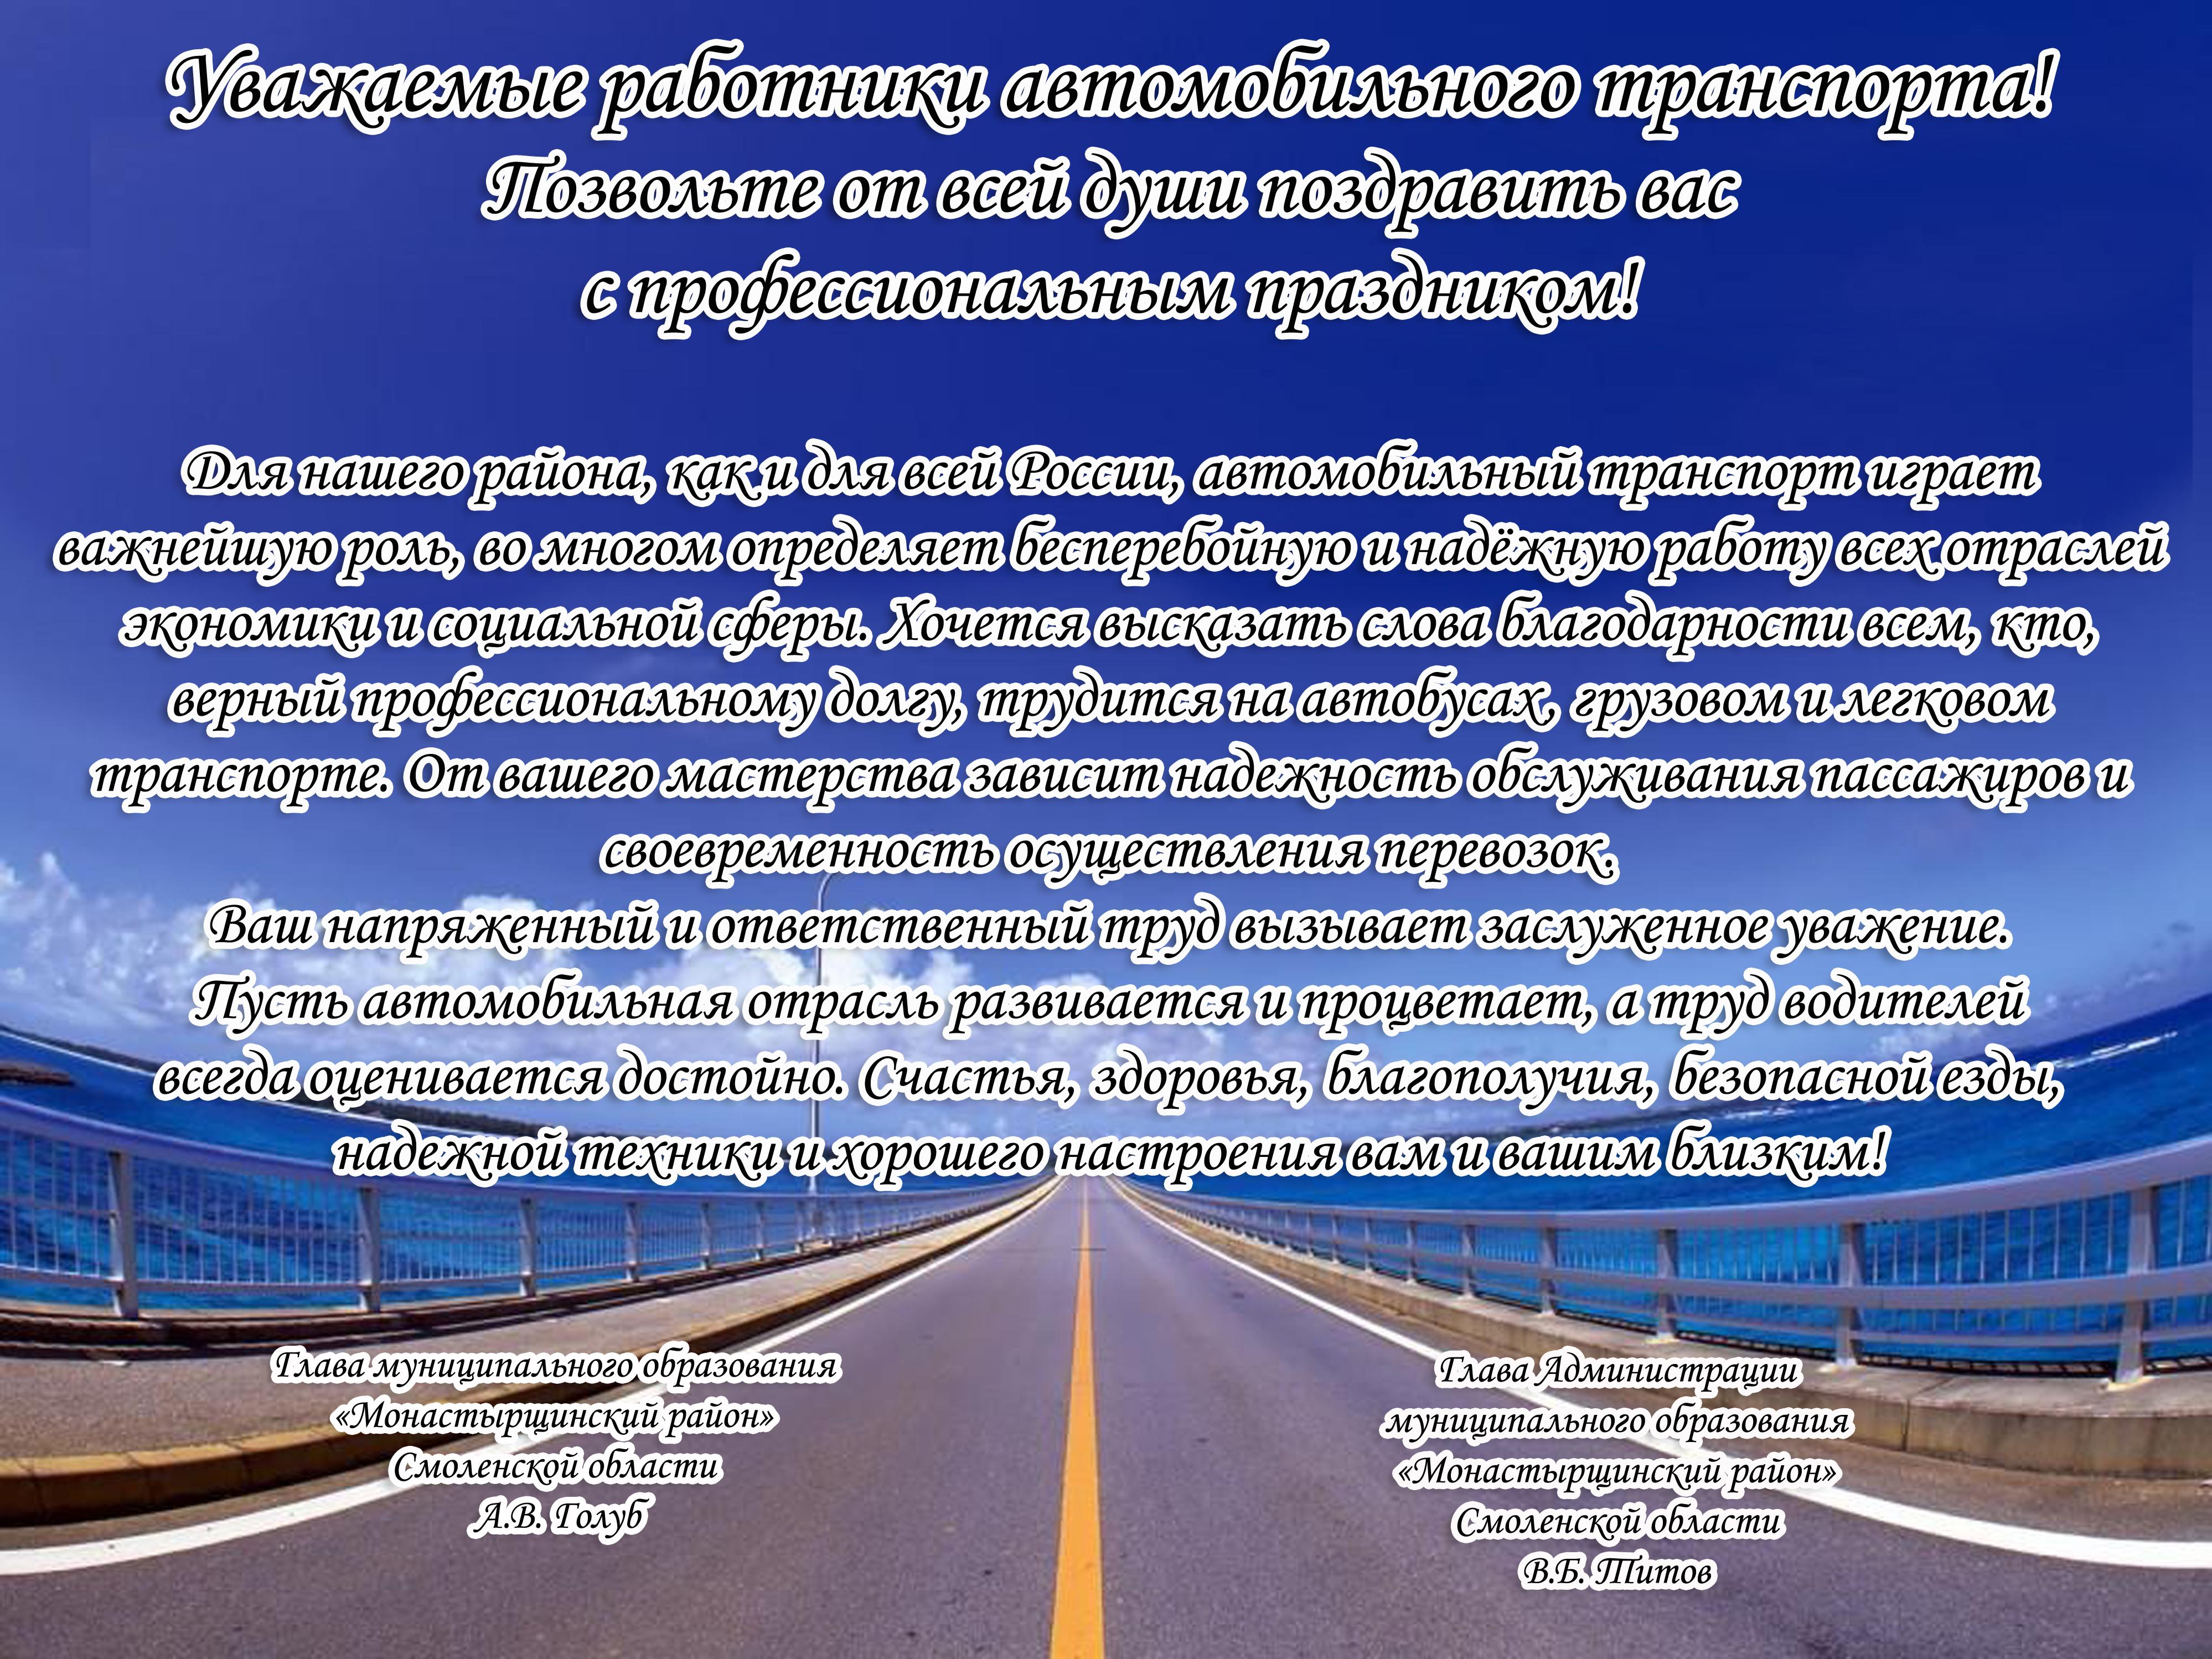 Поздравления с Днем работников автомобильного транспорта